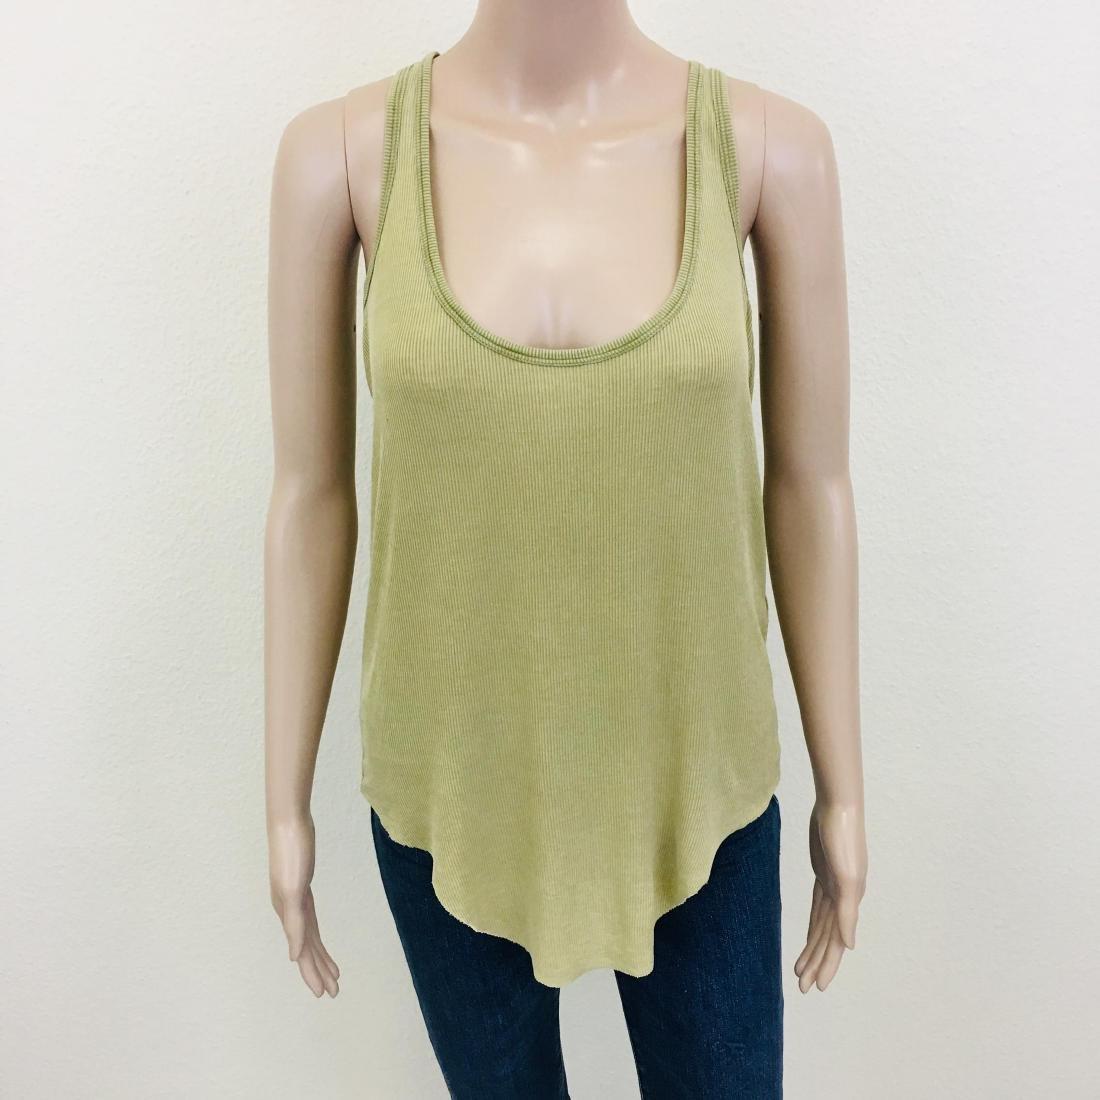 New Women's ZARA Top Blouse Size L - 4